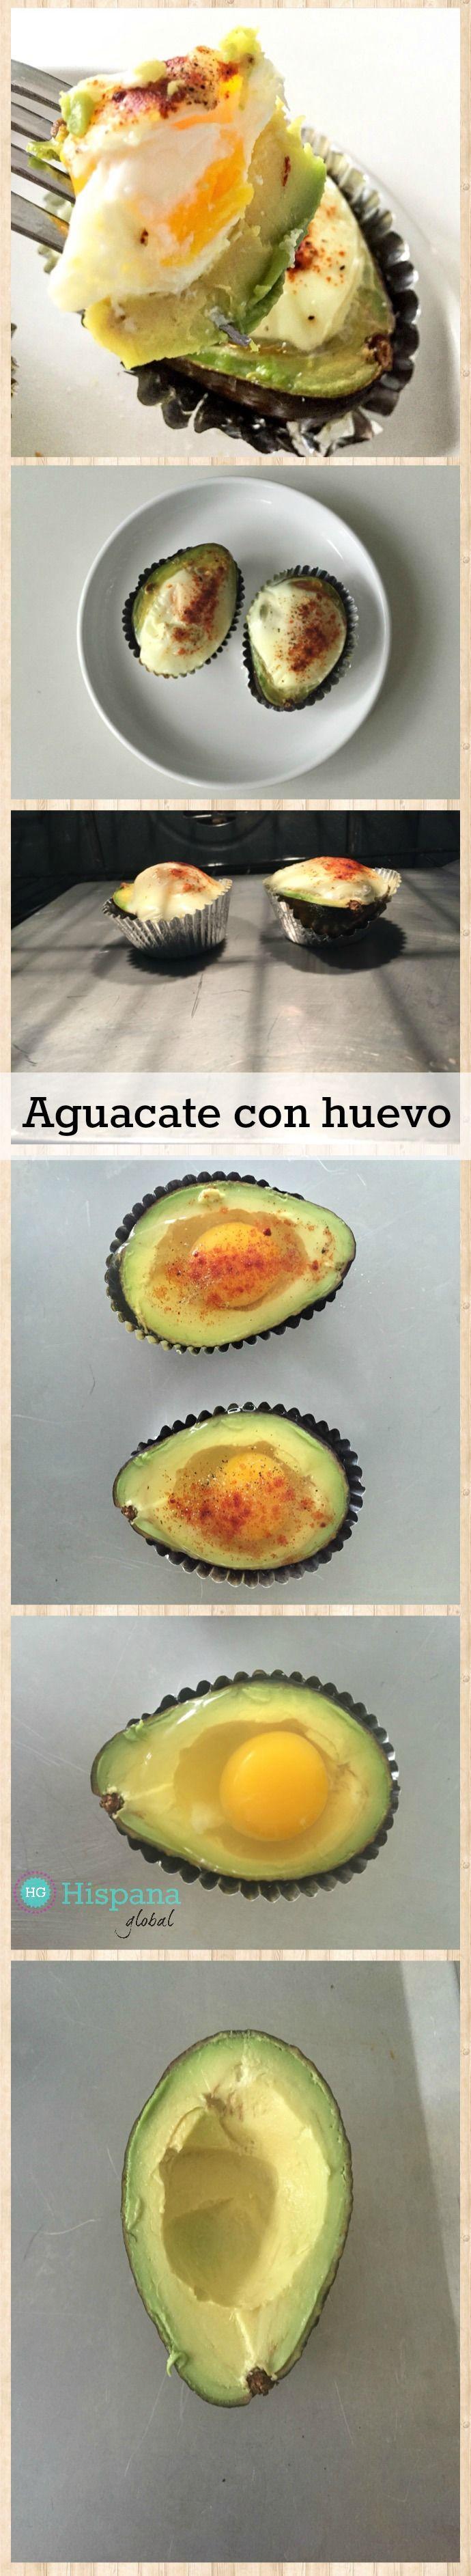 Precalentar el horno a 425° F (218º C). Cortar una palta o aguacate maduro por la mitad y quitarle el carozo o semilla. Con una cuchara agra...